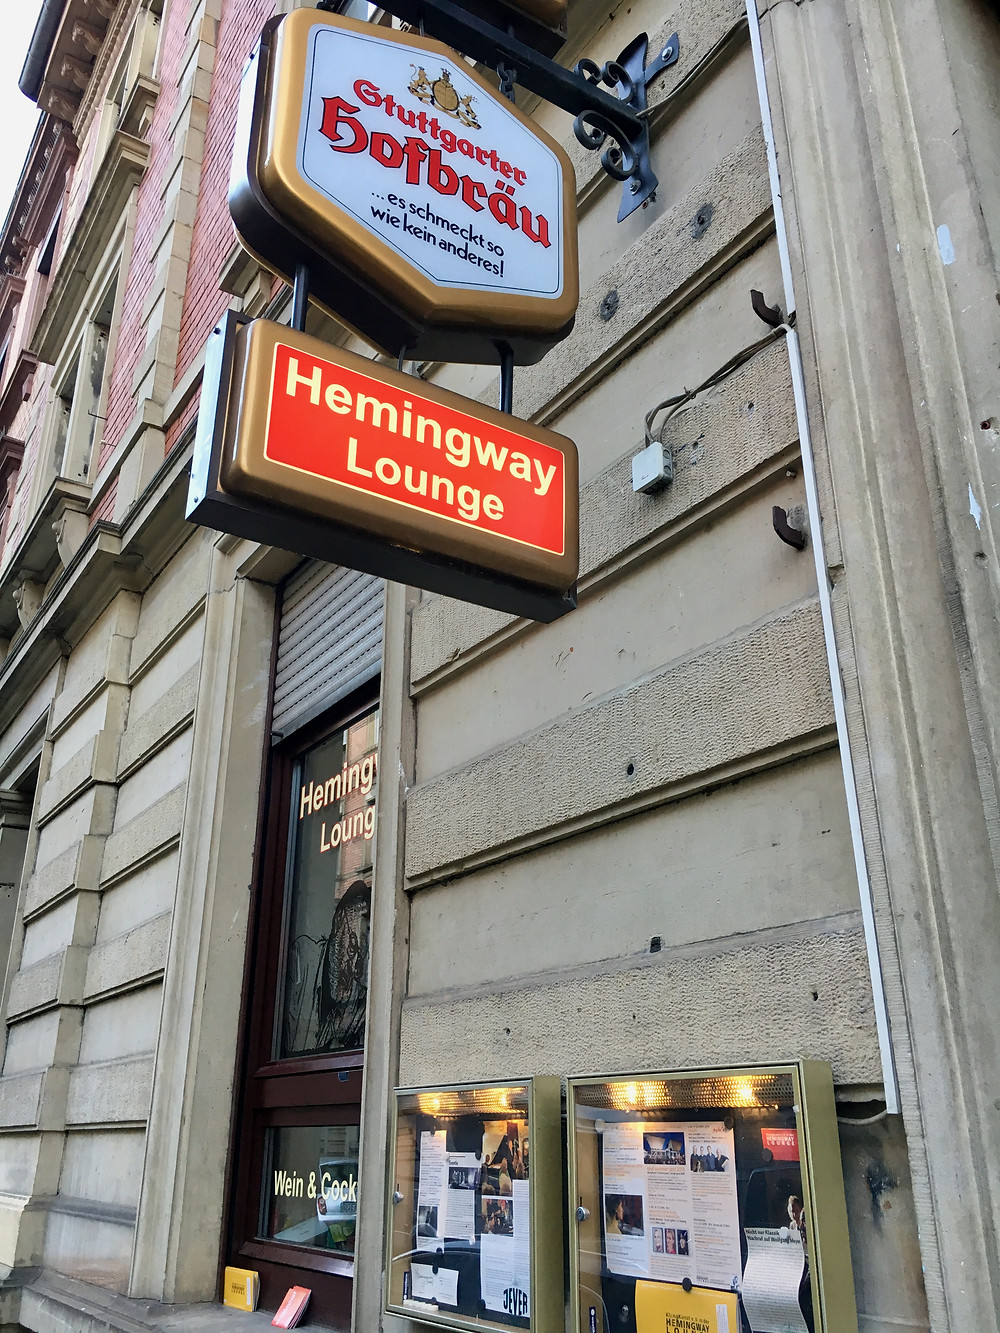 Piano BarJazz, Hemingway Lounge Karlsruhe